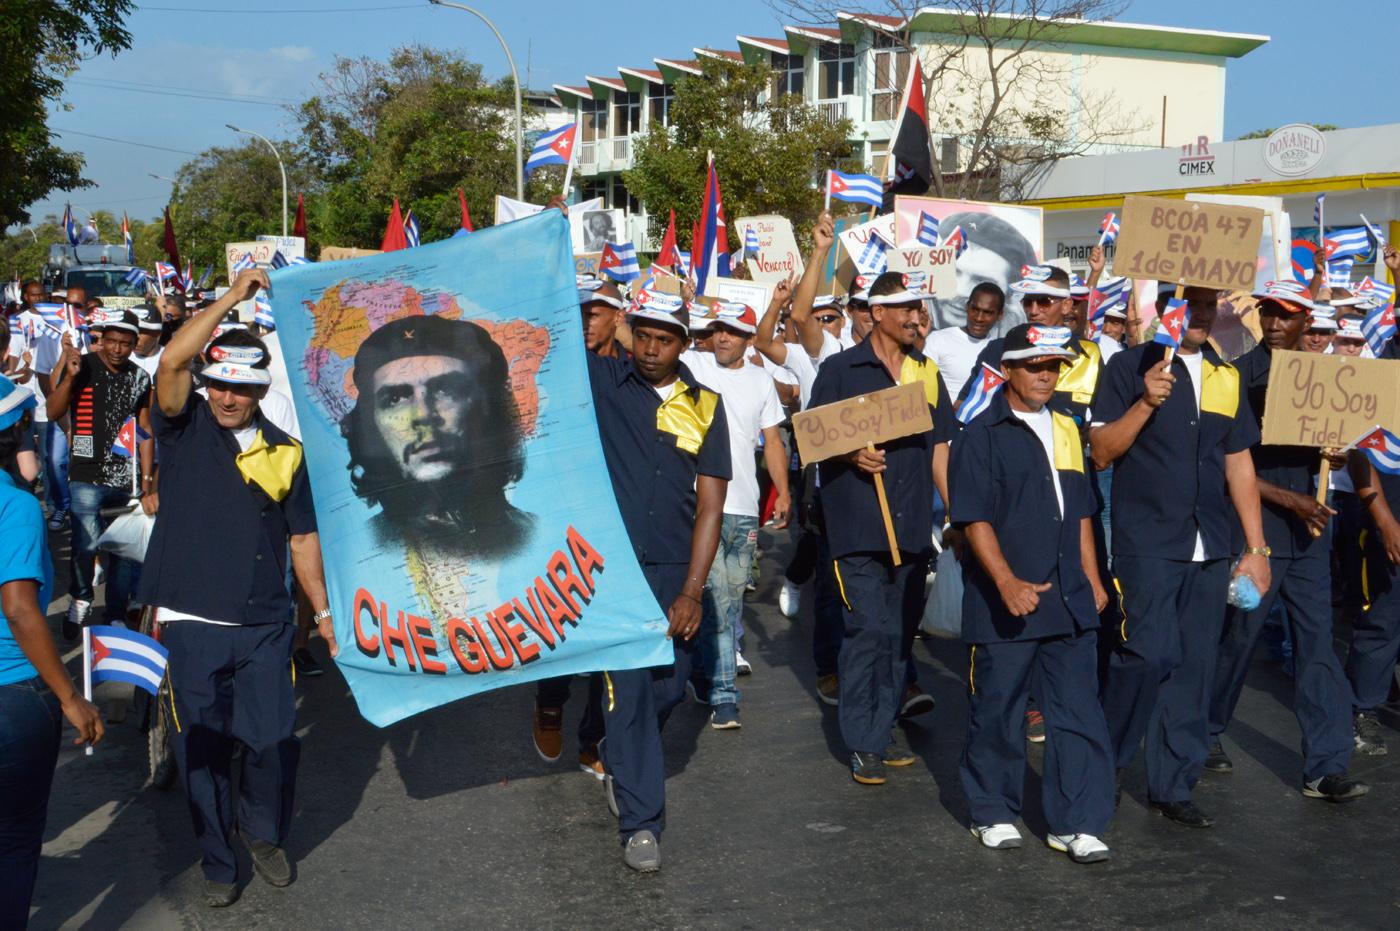 Varadero-May-Workers-Day-parade-Che-Guevara.jpg